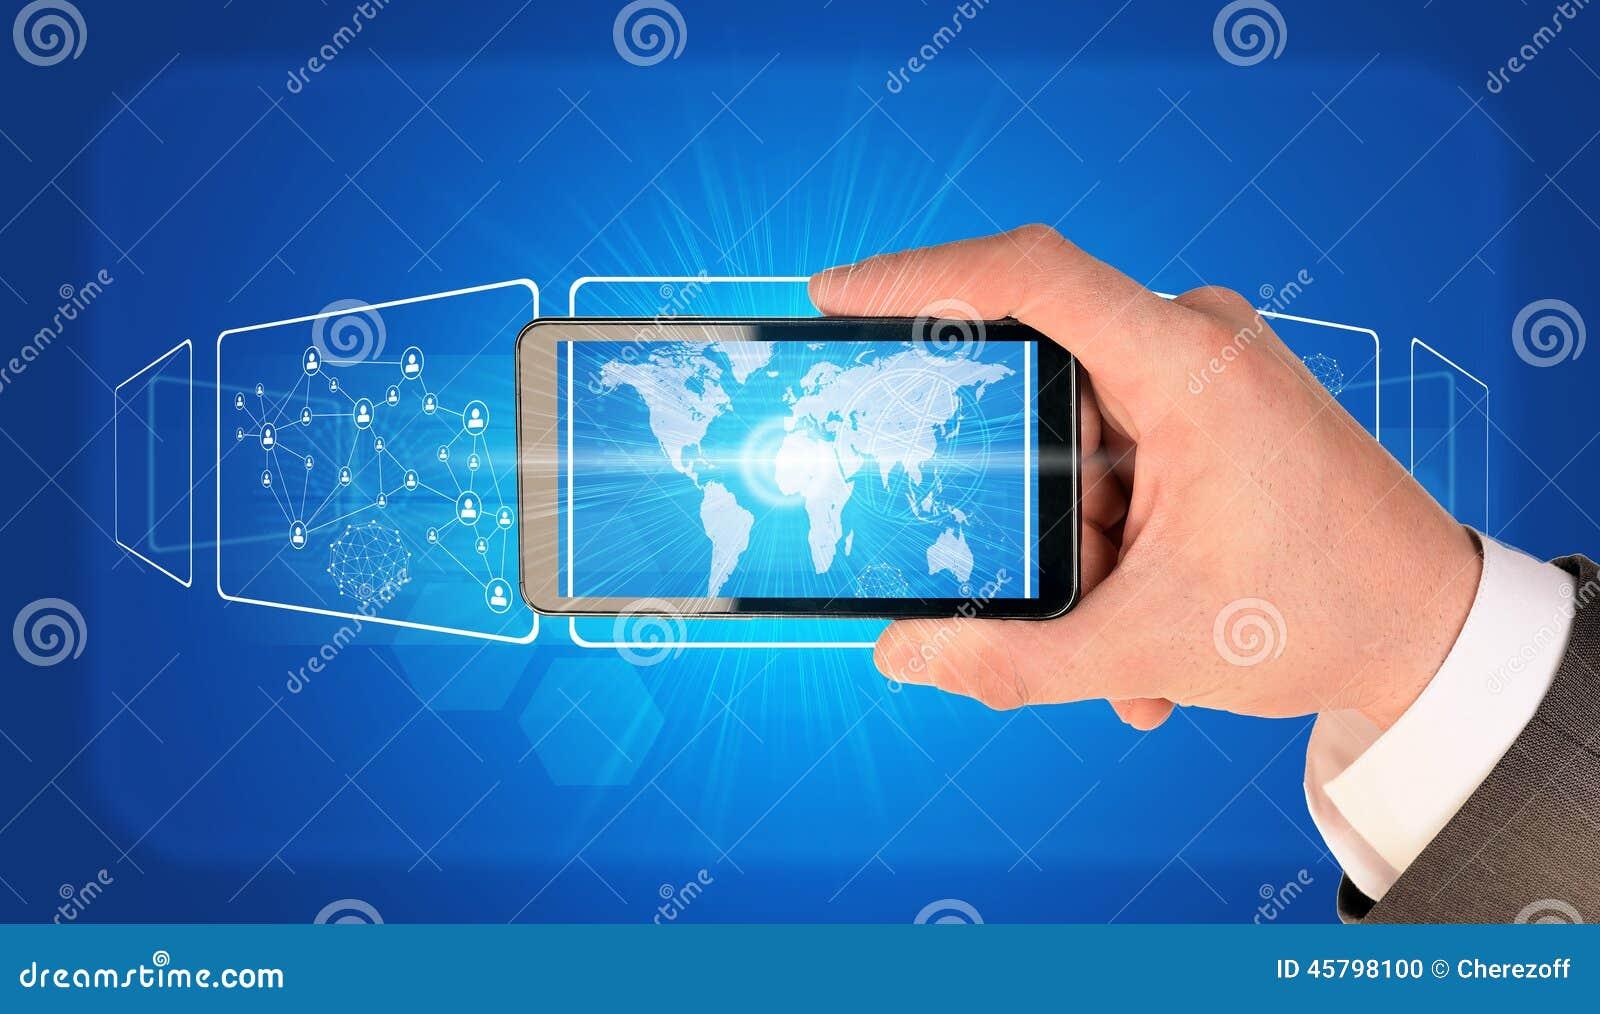 Man hand holding smart phone image of world map stock illustration man hand holding smart phone image of world map royalty free illustration publicscrutiny Choice Image